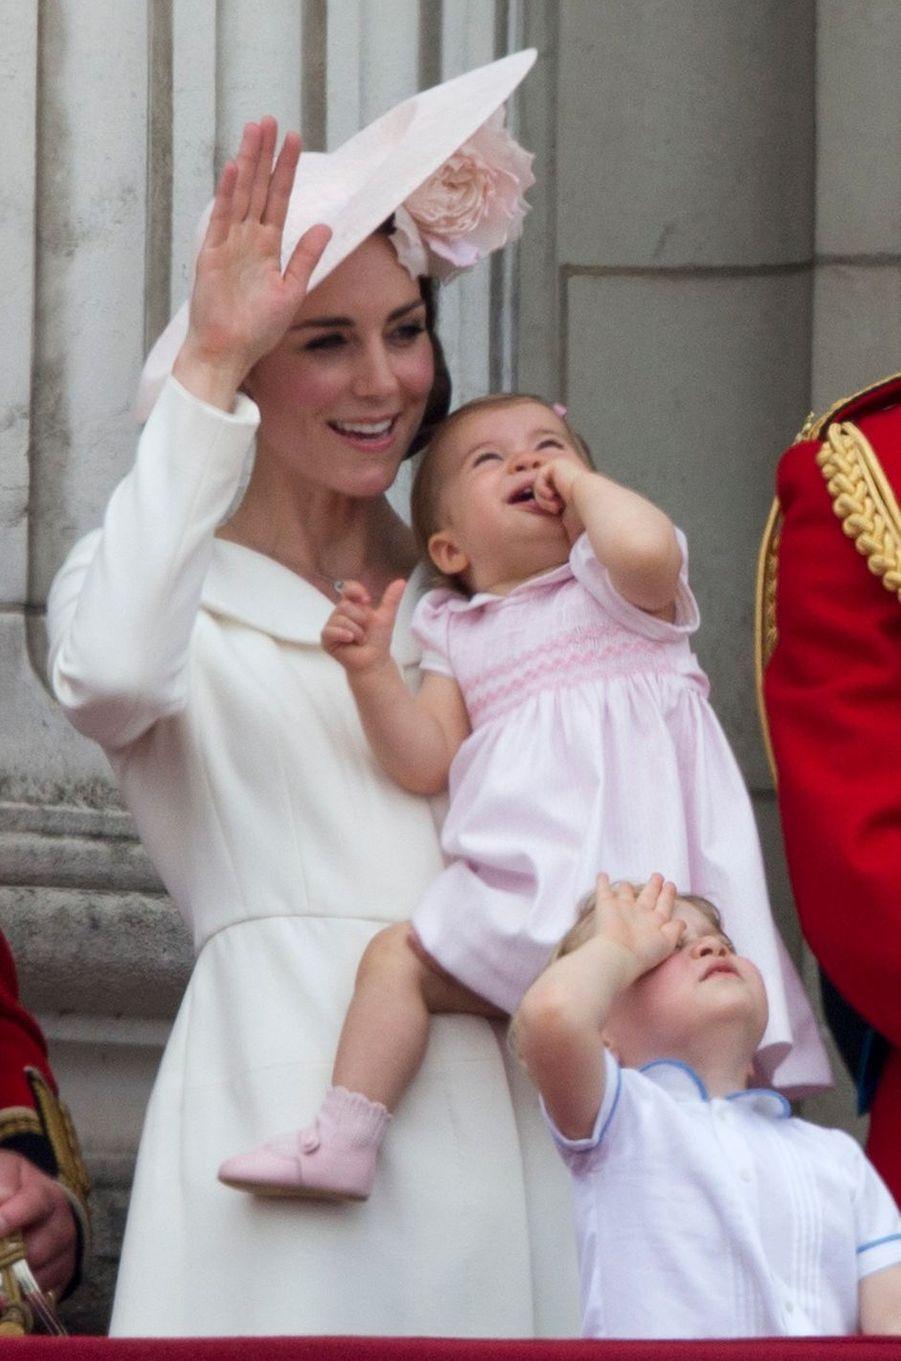 La princesse Charlotte de Cambridge avec sa mère Kate Middleton à Londres, le 11 juin 2016